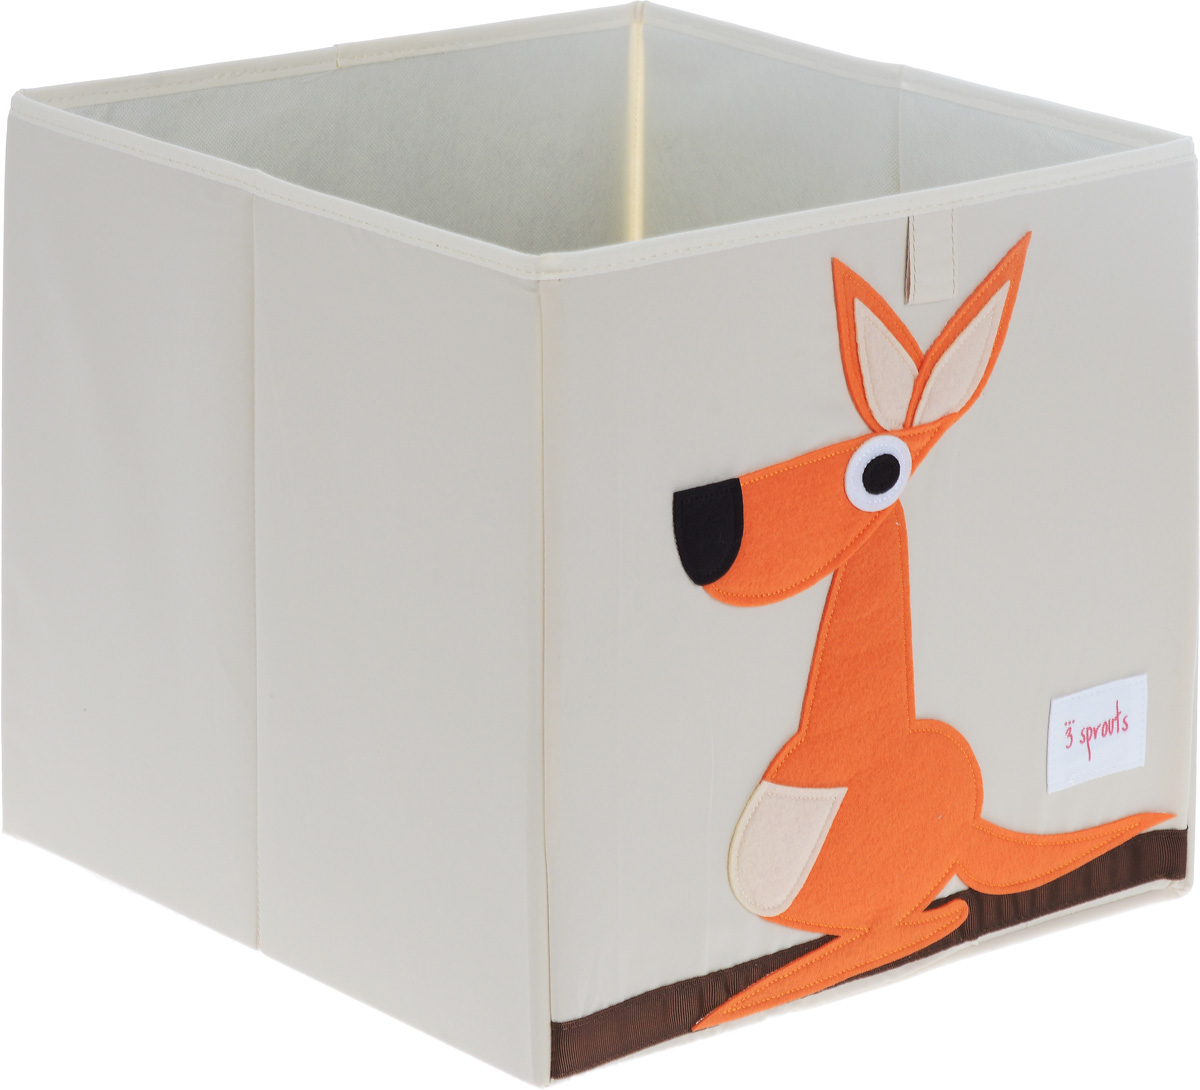 3 Sprouts Коробка для хранения Кенгуру67631Универсальная коробка для хранения 3 Sprouts Кенгуру - это отличный вариант организации пространства любой комнаты.Стороны коробки усилены с помощью картона, поэтому она всегда стоит ровно. Помещается практически во все стеллажи с квадратными отсеками и добавляет озорства любой комнате. Стоит ли коробка отдельно или на полке стеллажа, она обеспечит прекрасную организацию в вашем доме.Уход: снаружи - только выведение пятен.